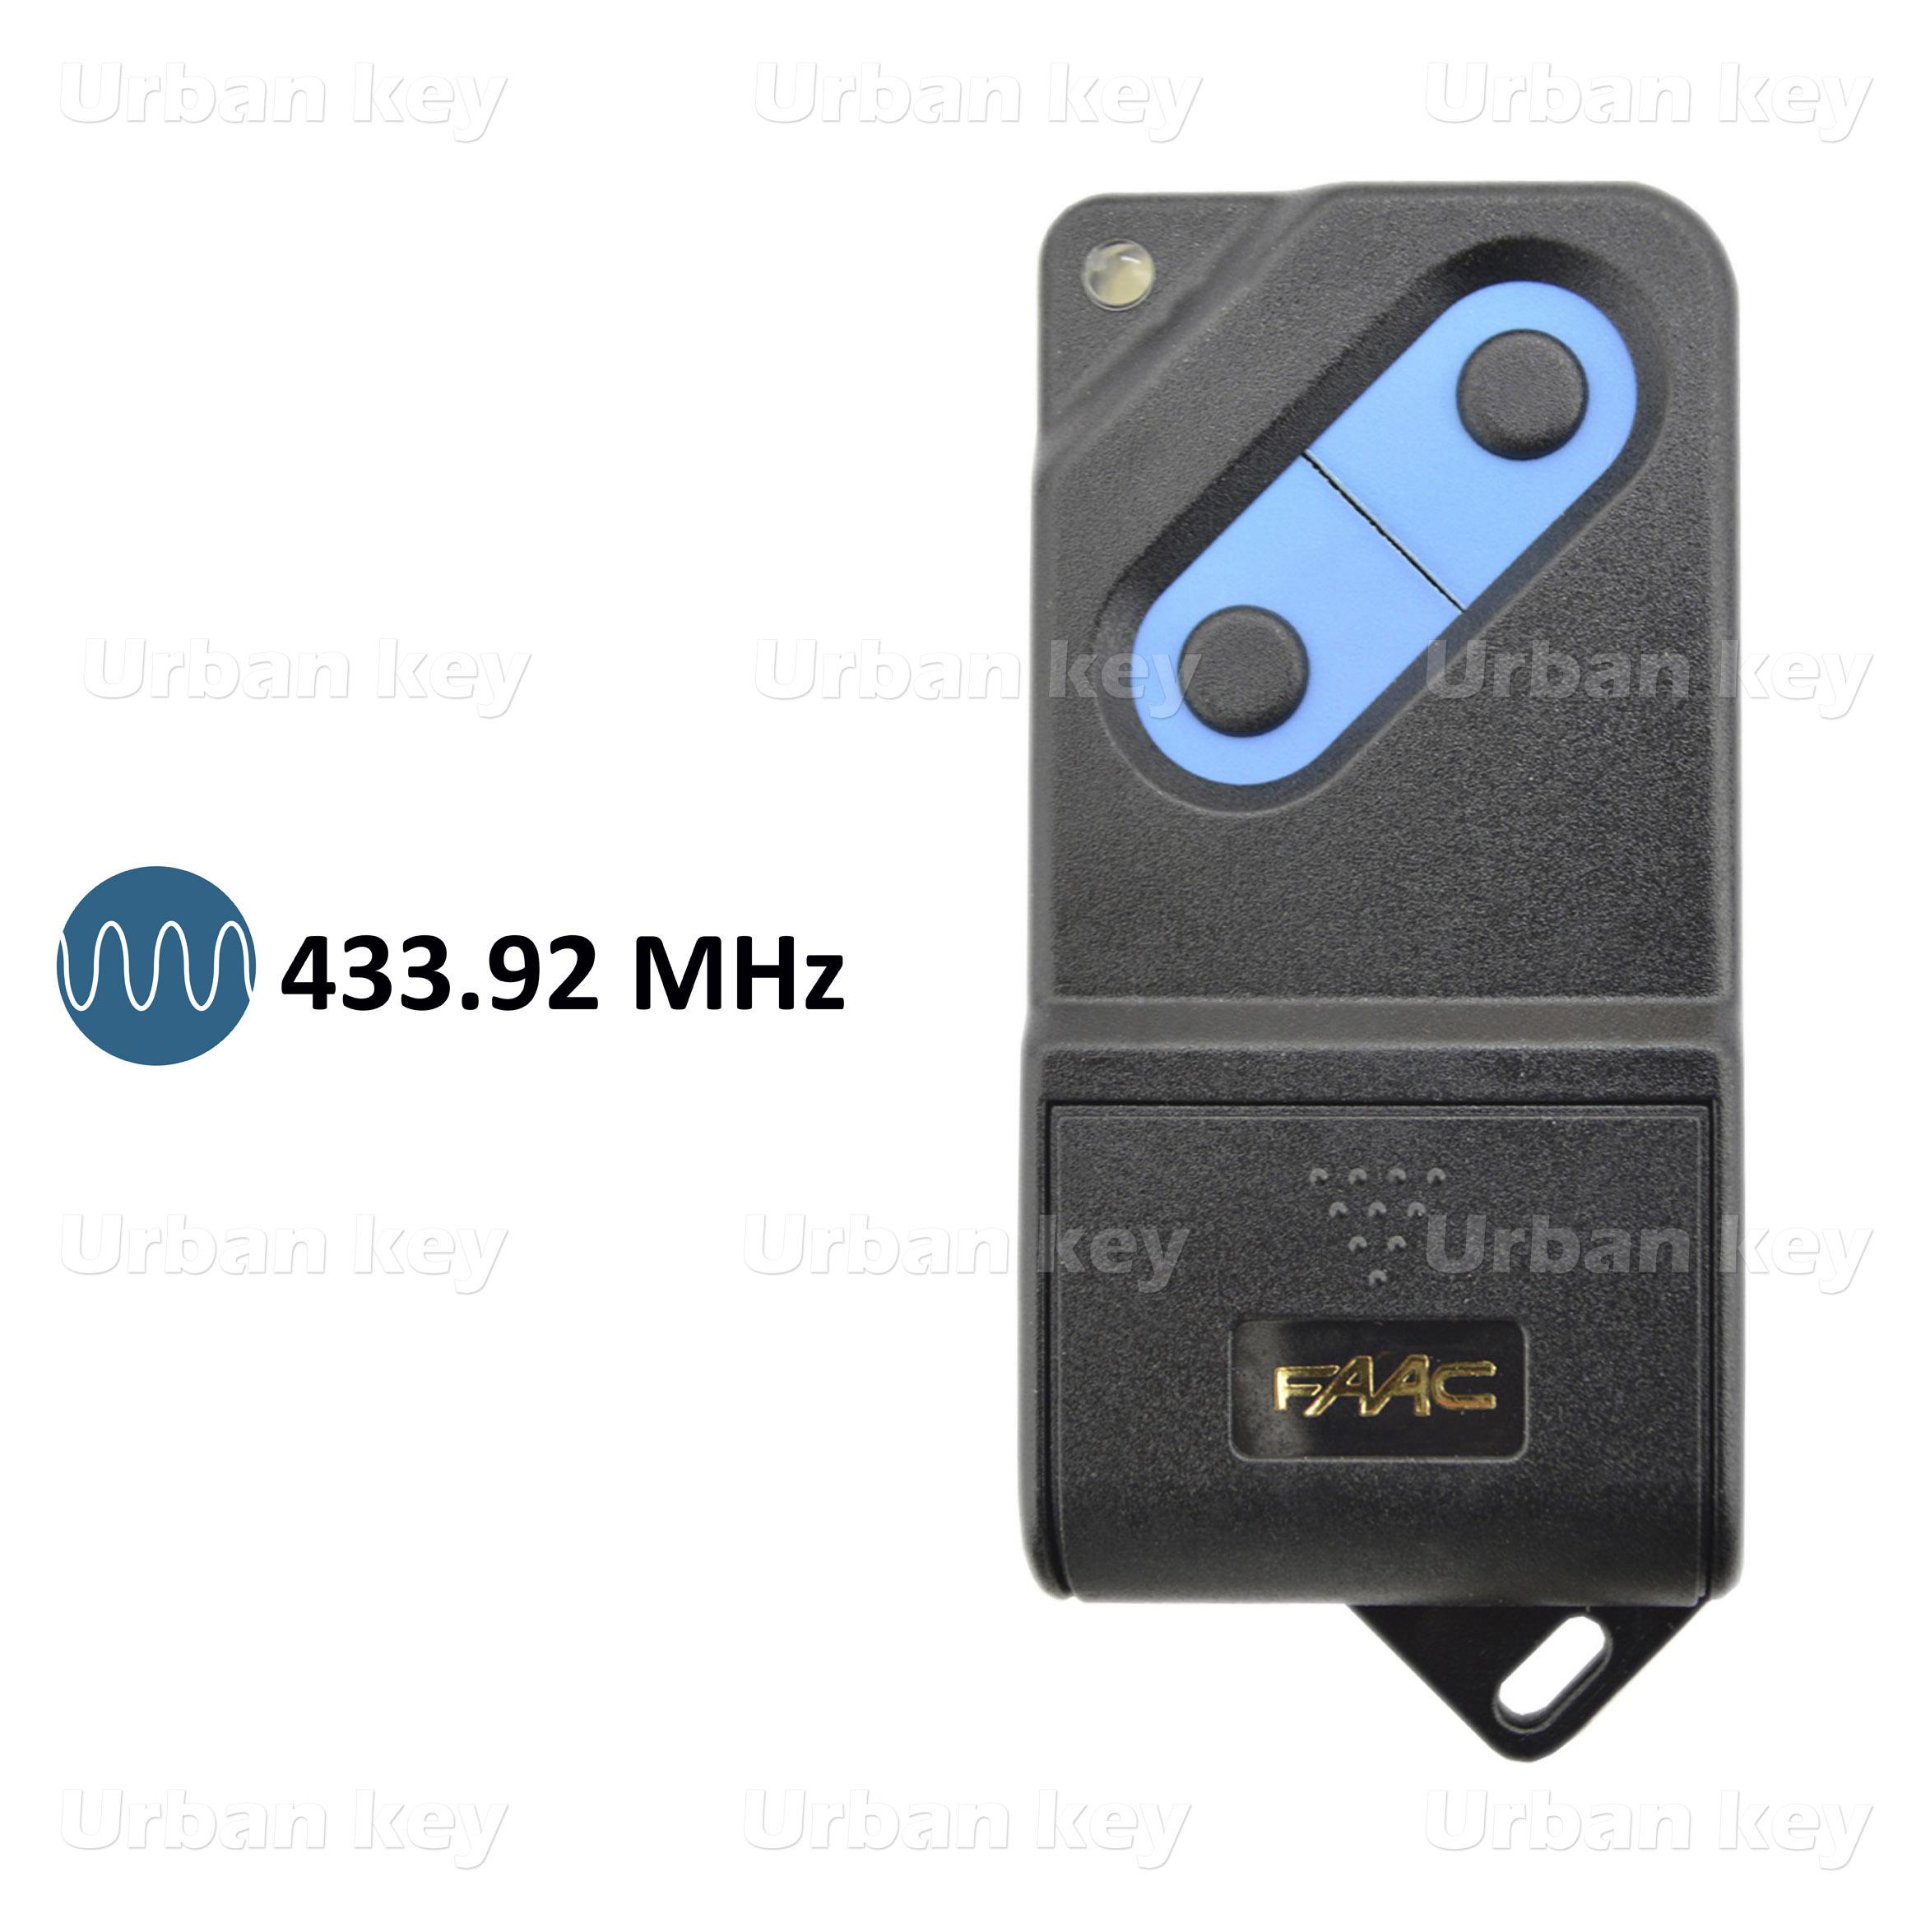 EMISSOR FAAC TM433 DS2 433 MHz 2 CANAIS